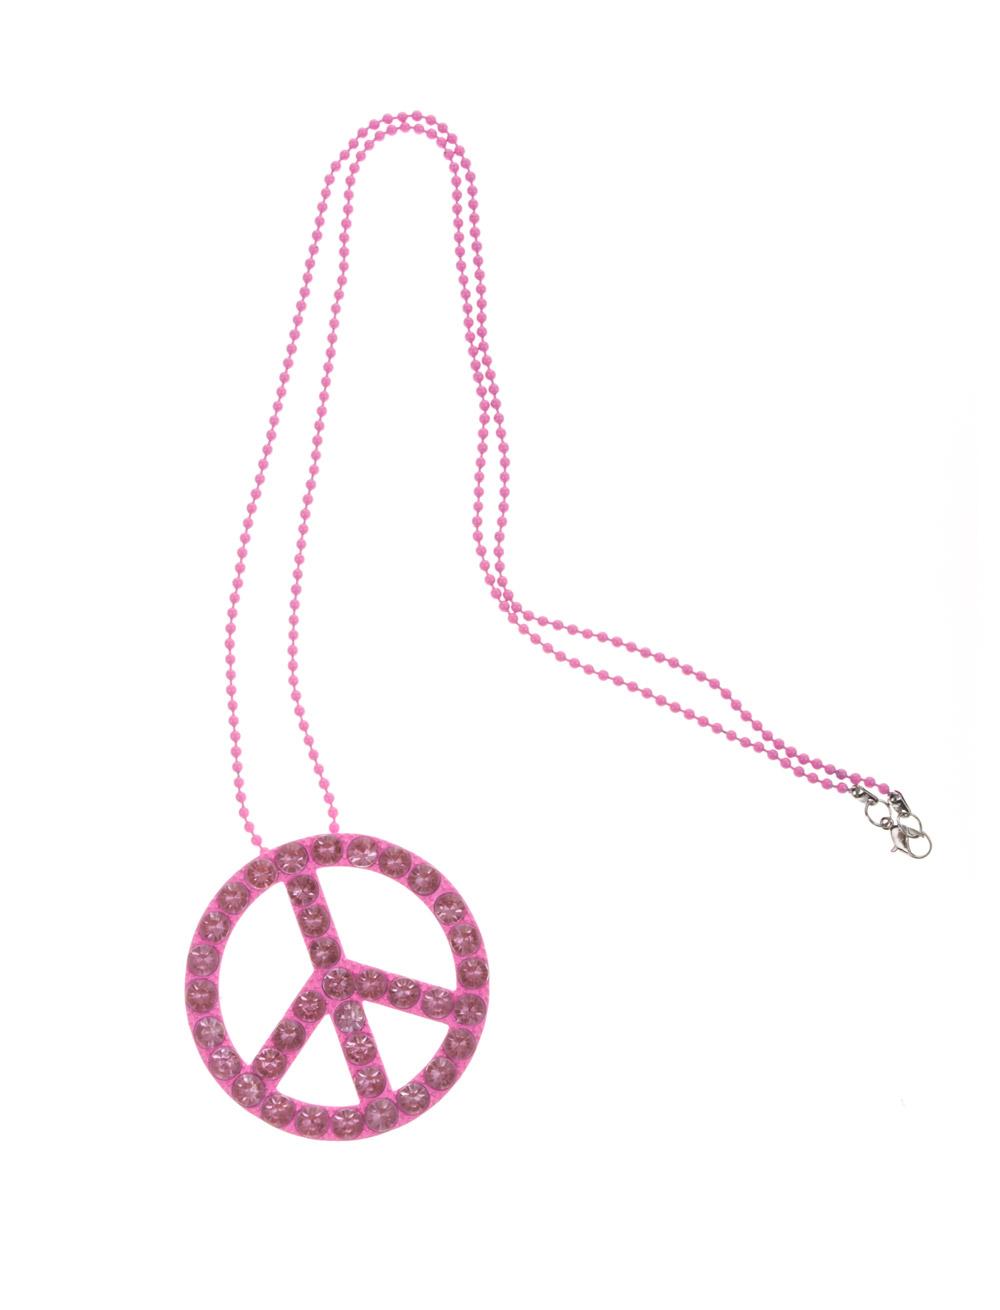 Kostuemzubehor Halskette Peace mit Strass pink